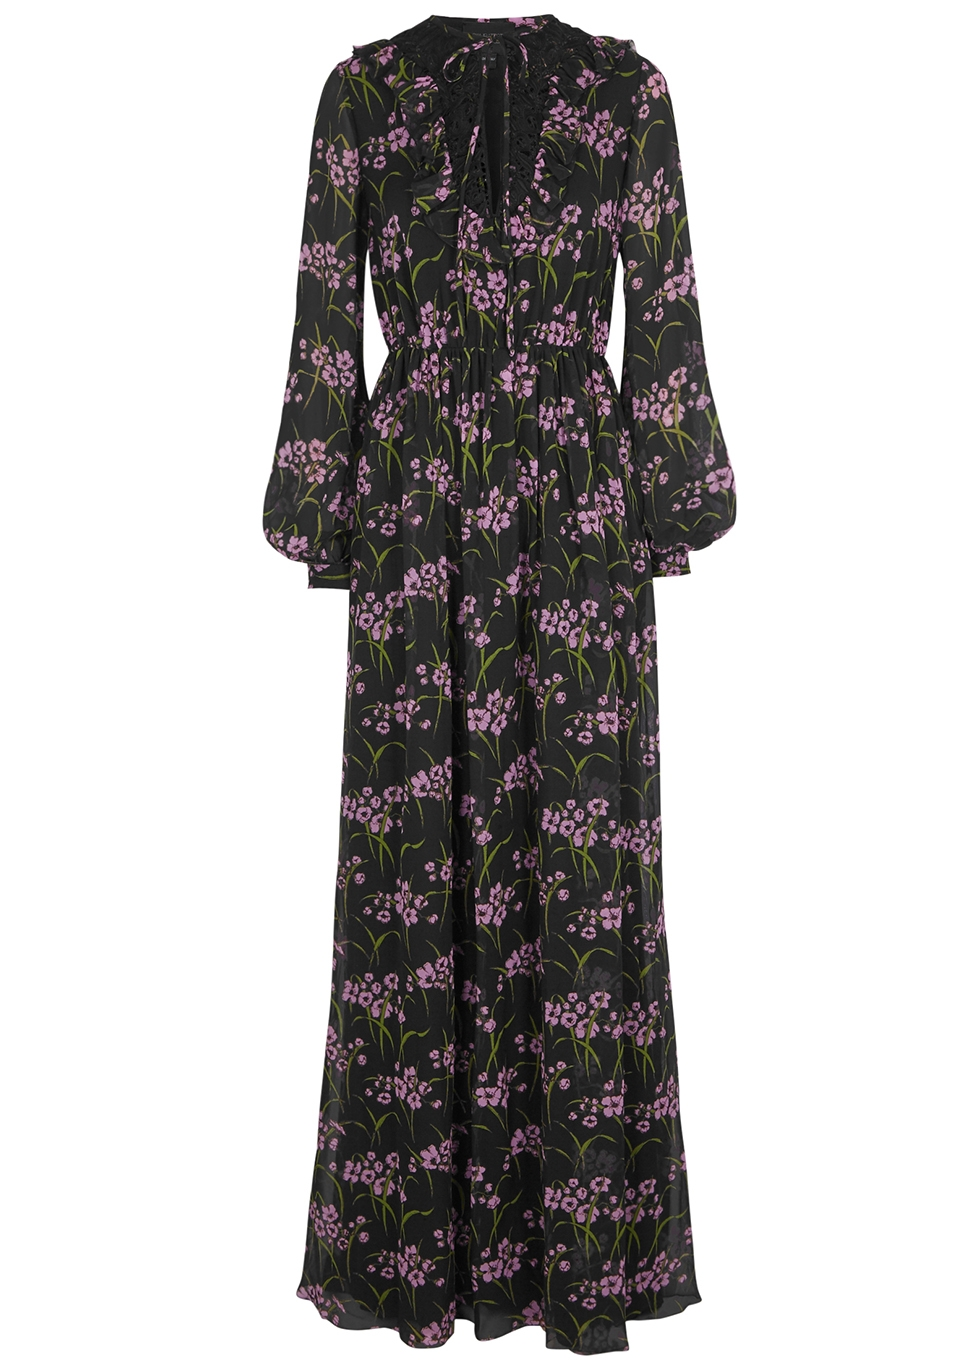 Gray Chiffon Maxi Dress